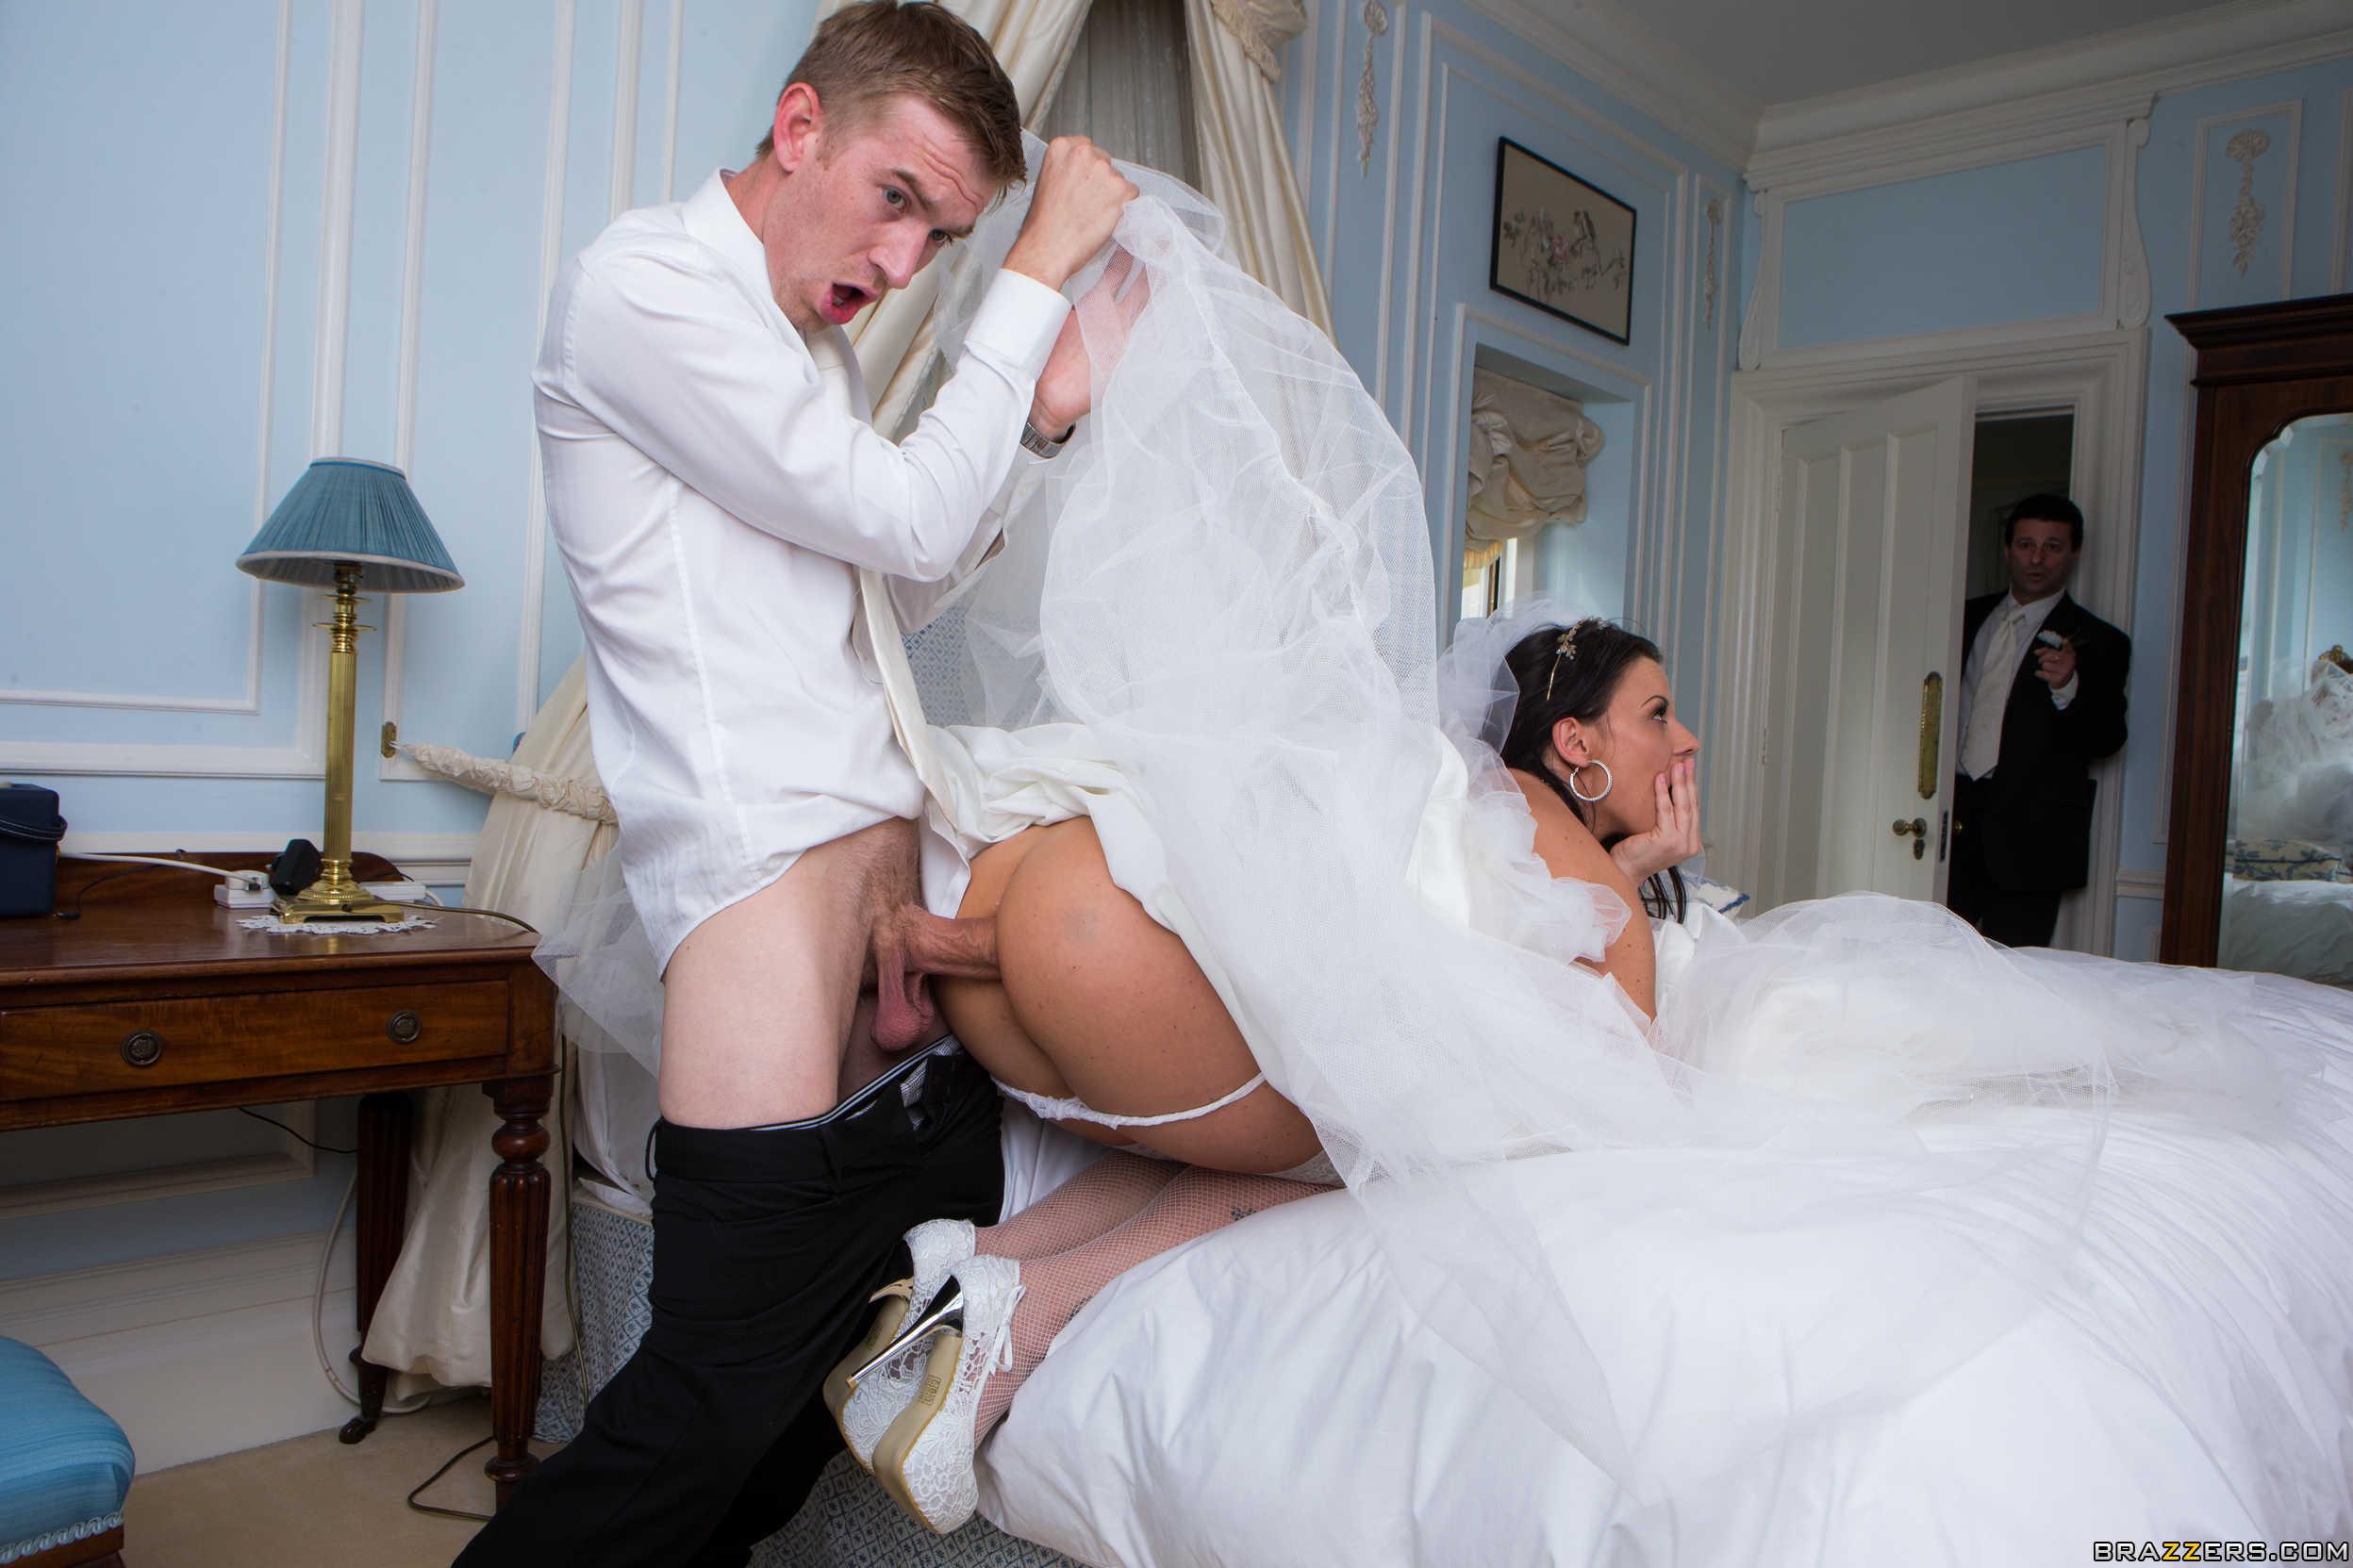 Смотреть голые свадьбы, Голая свадьба видео - Эротика. Орг 25 фотография